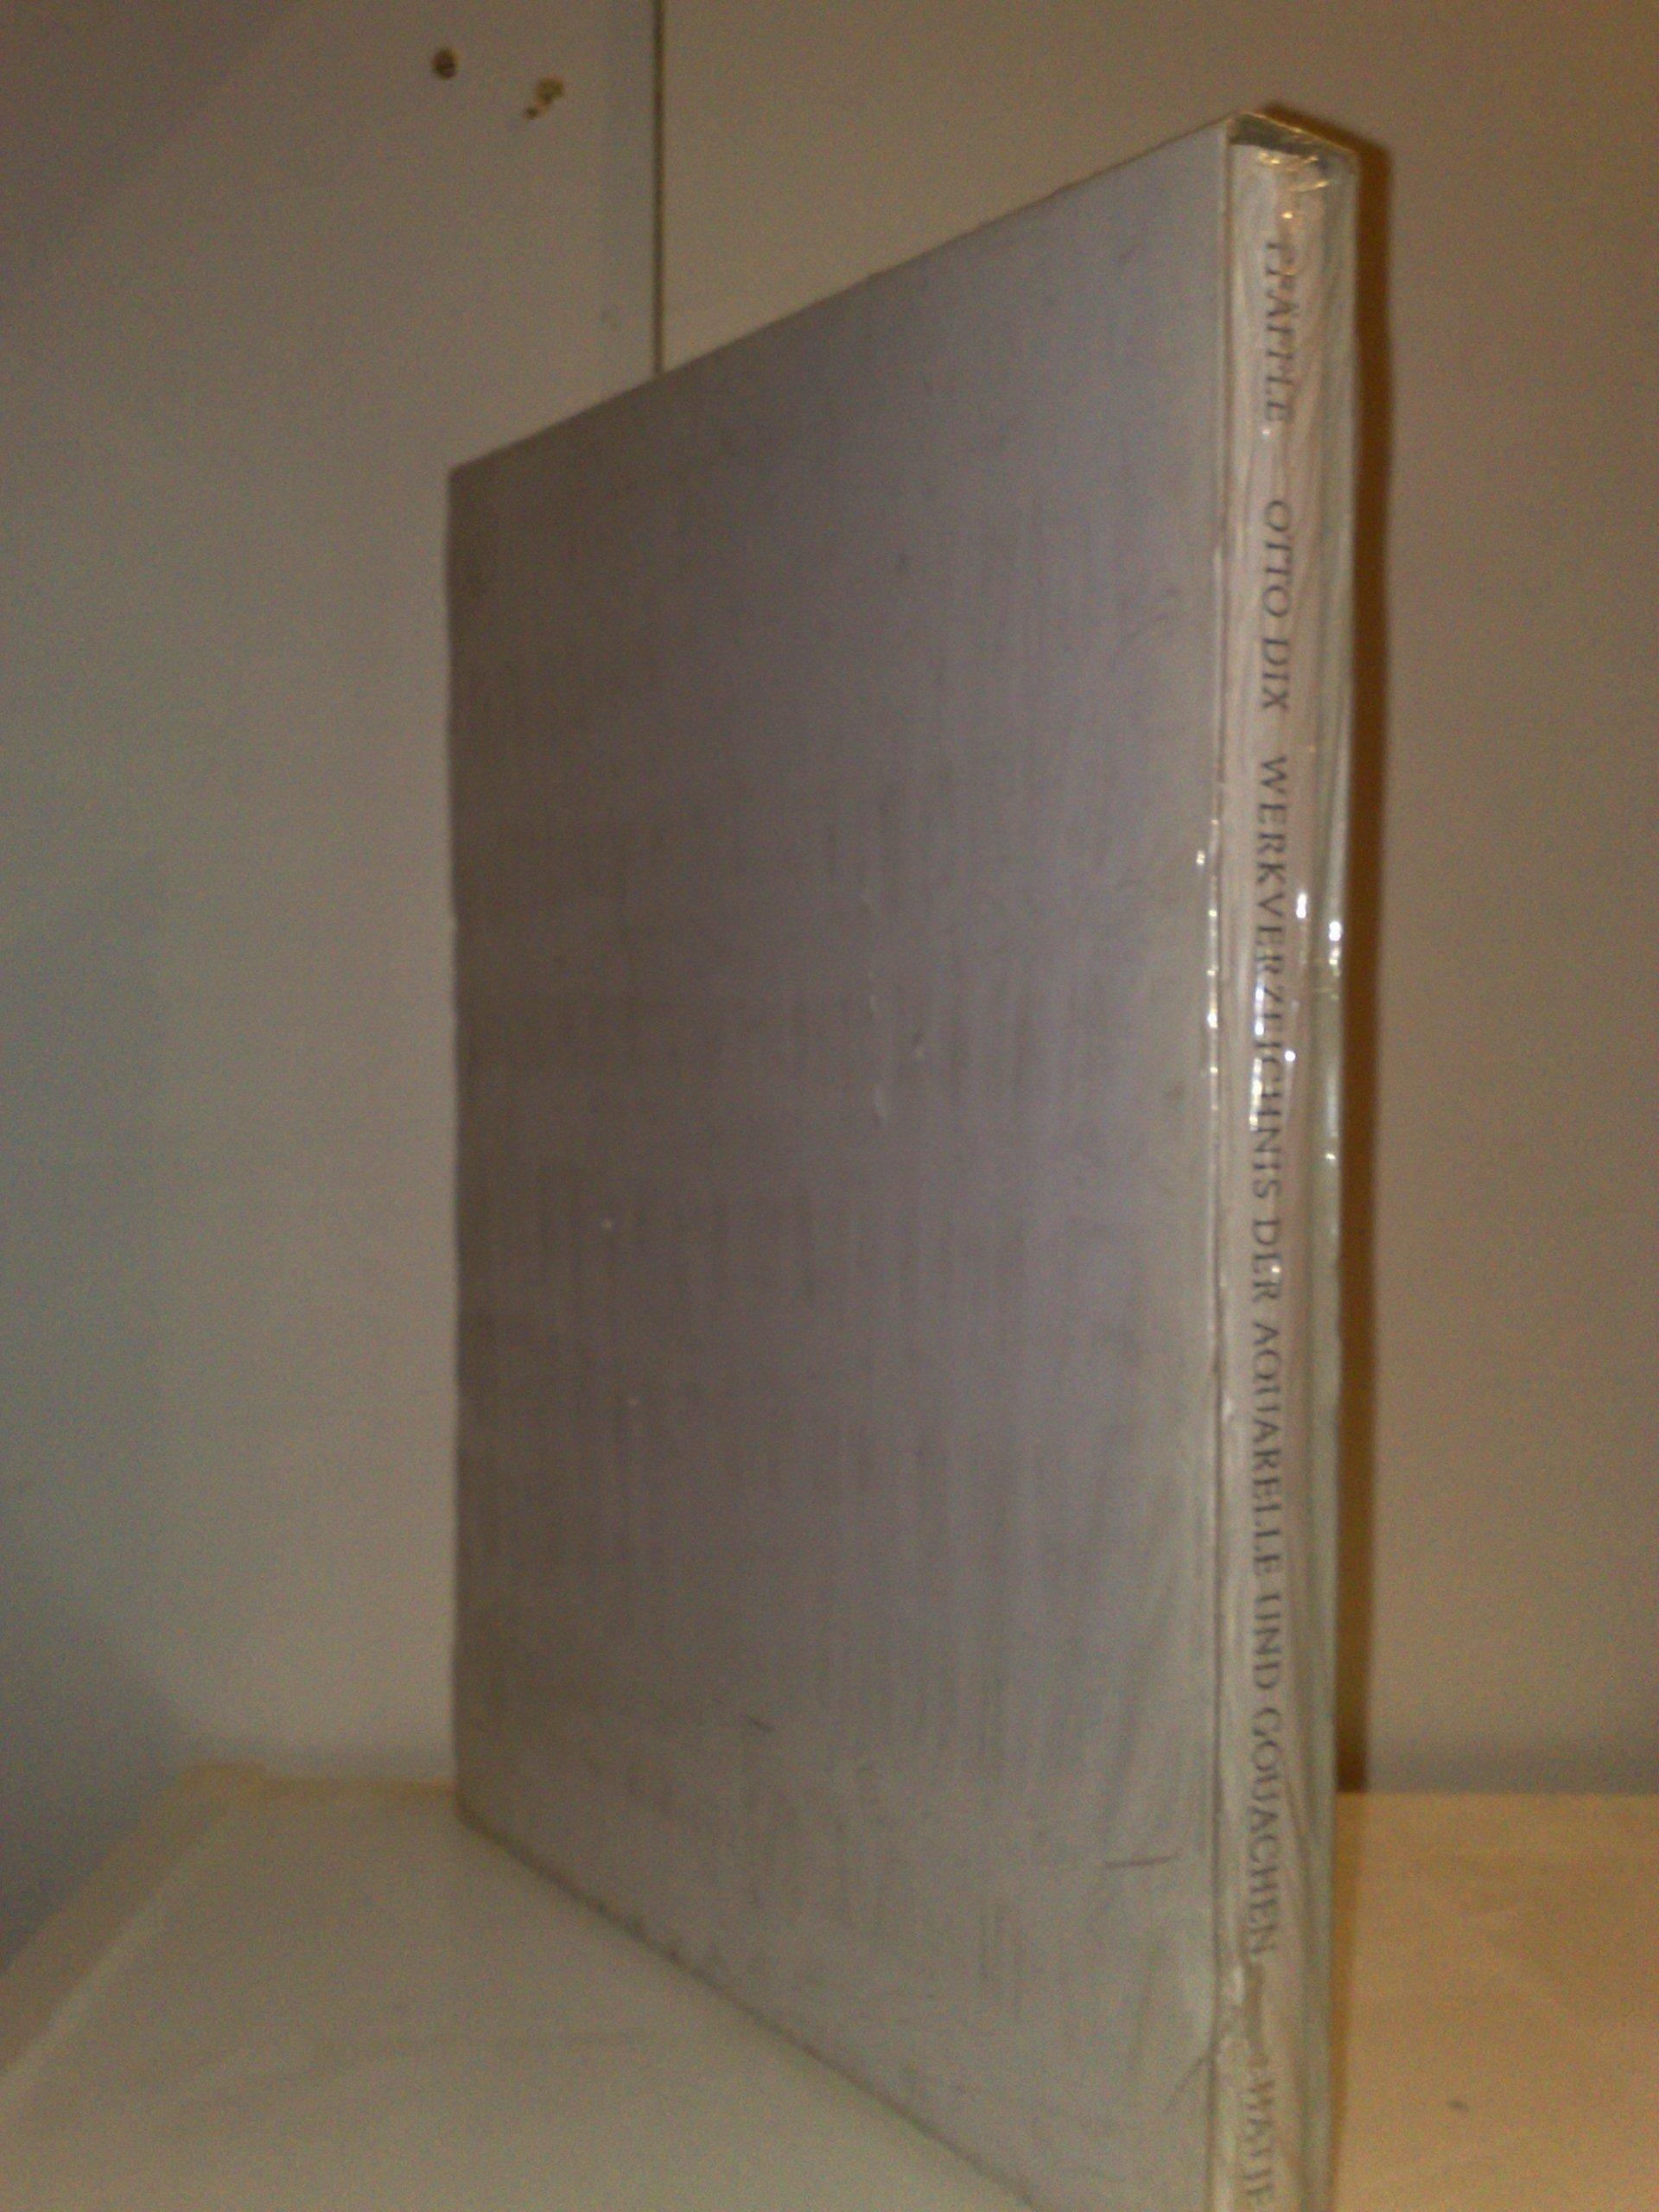 Otto Dix: Watercolors Catalogue Raisonne by Hatje Cantz Publishers